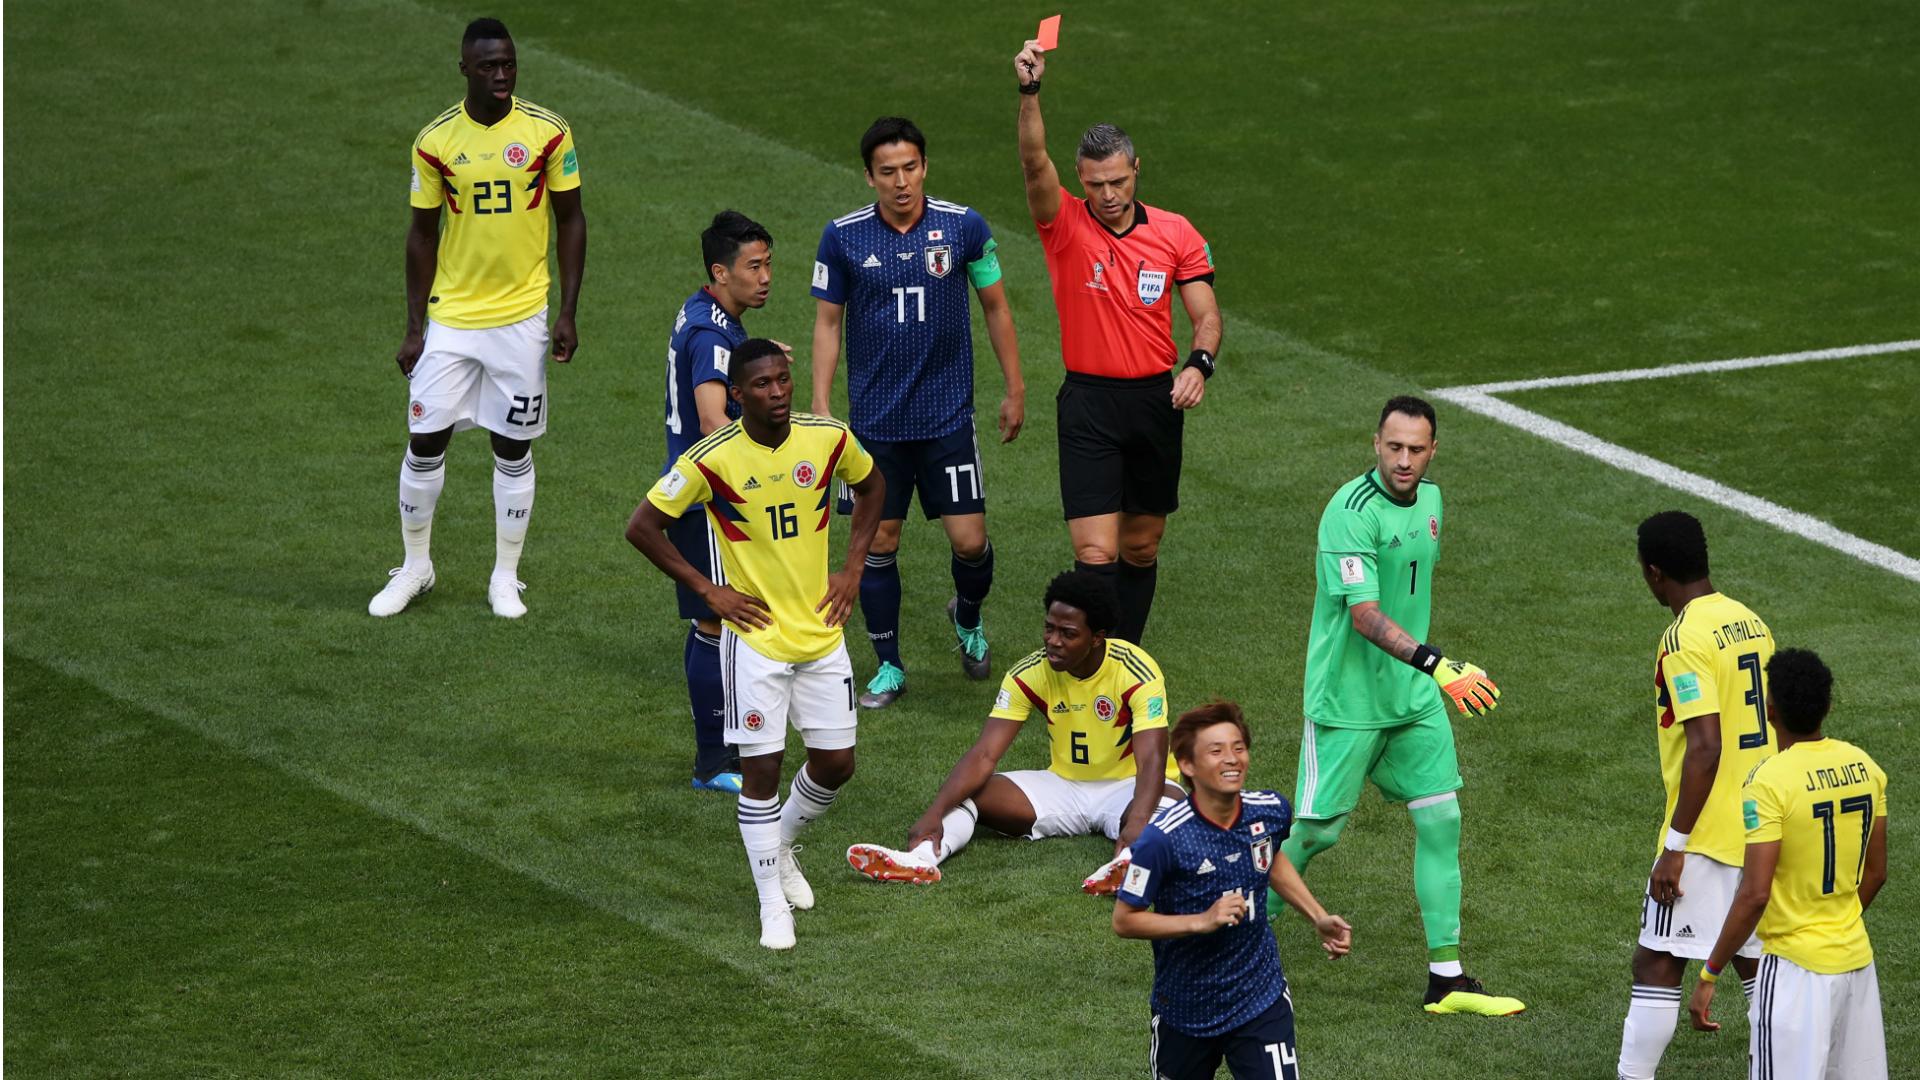 كارلوس سانشيز كولومبيا اليابان كأس العالم 2018